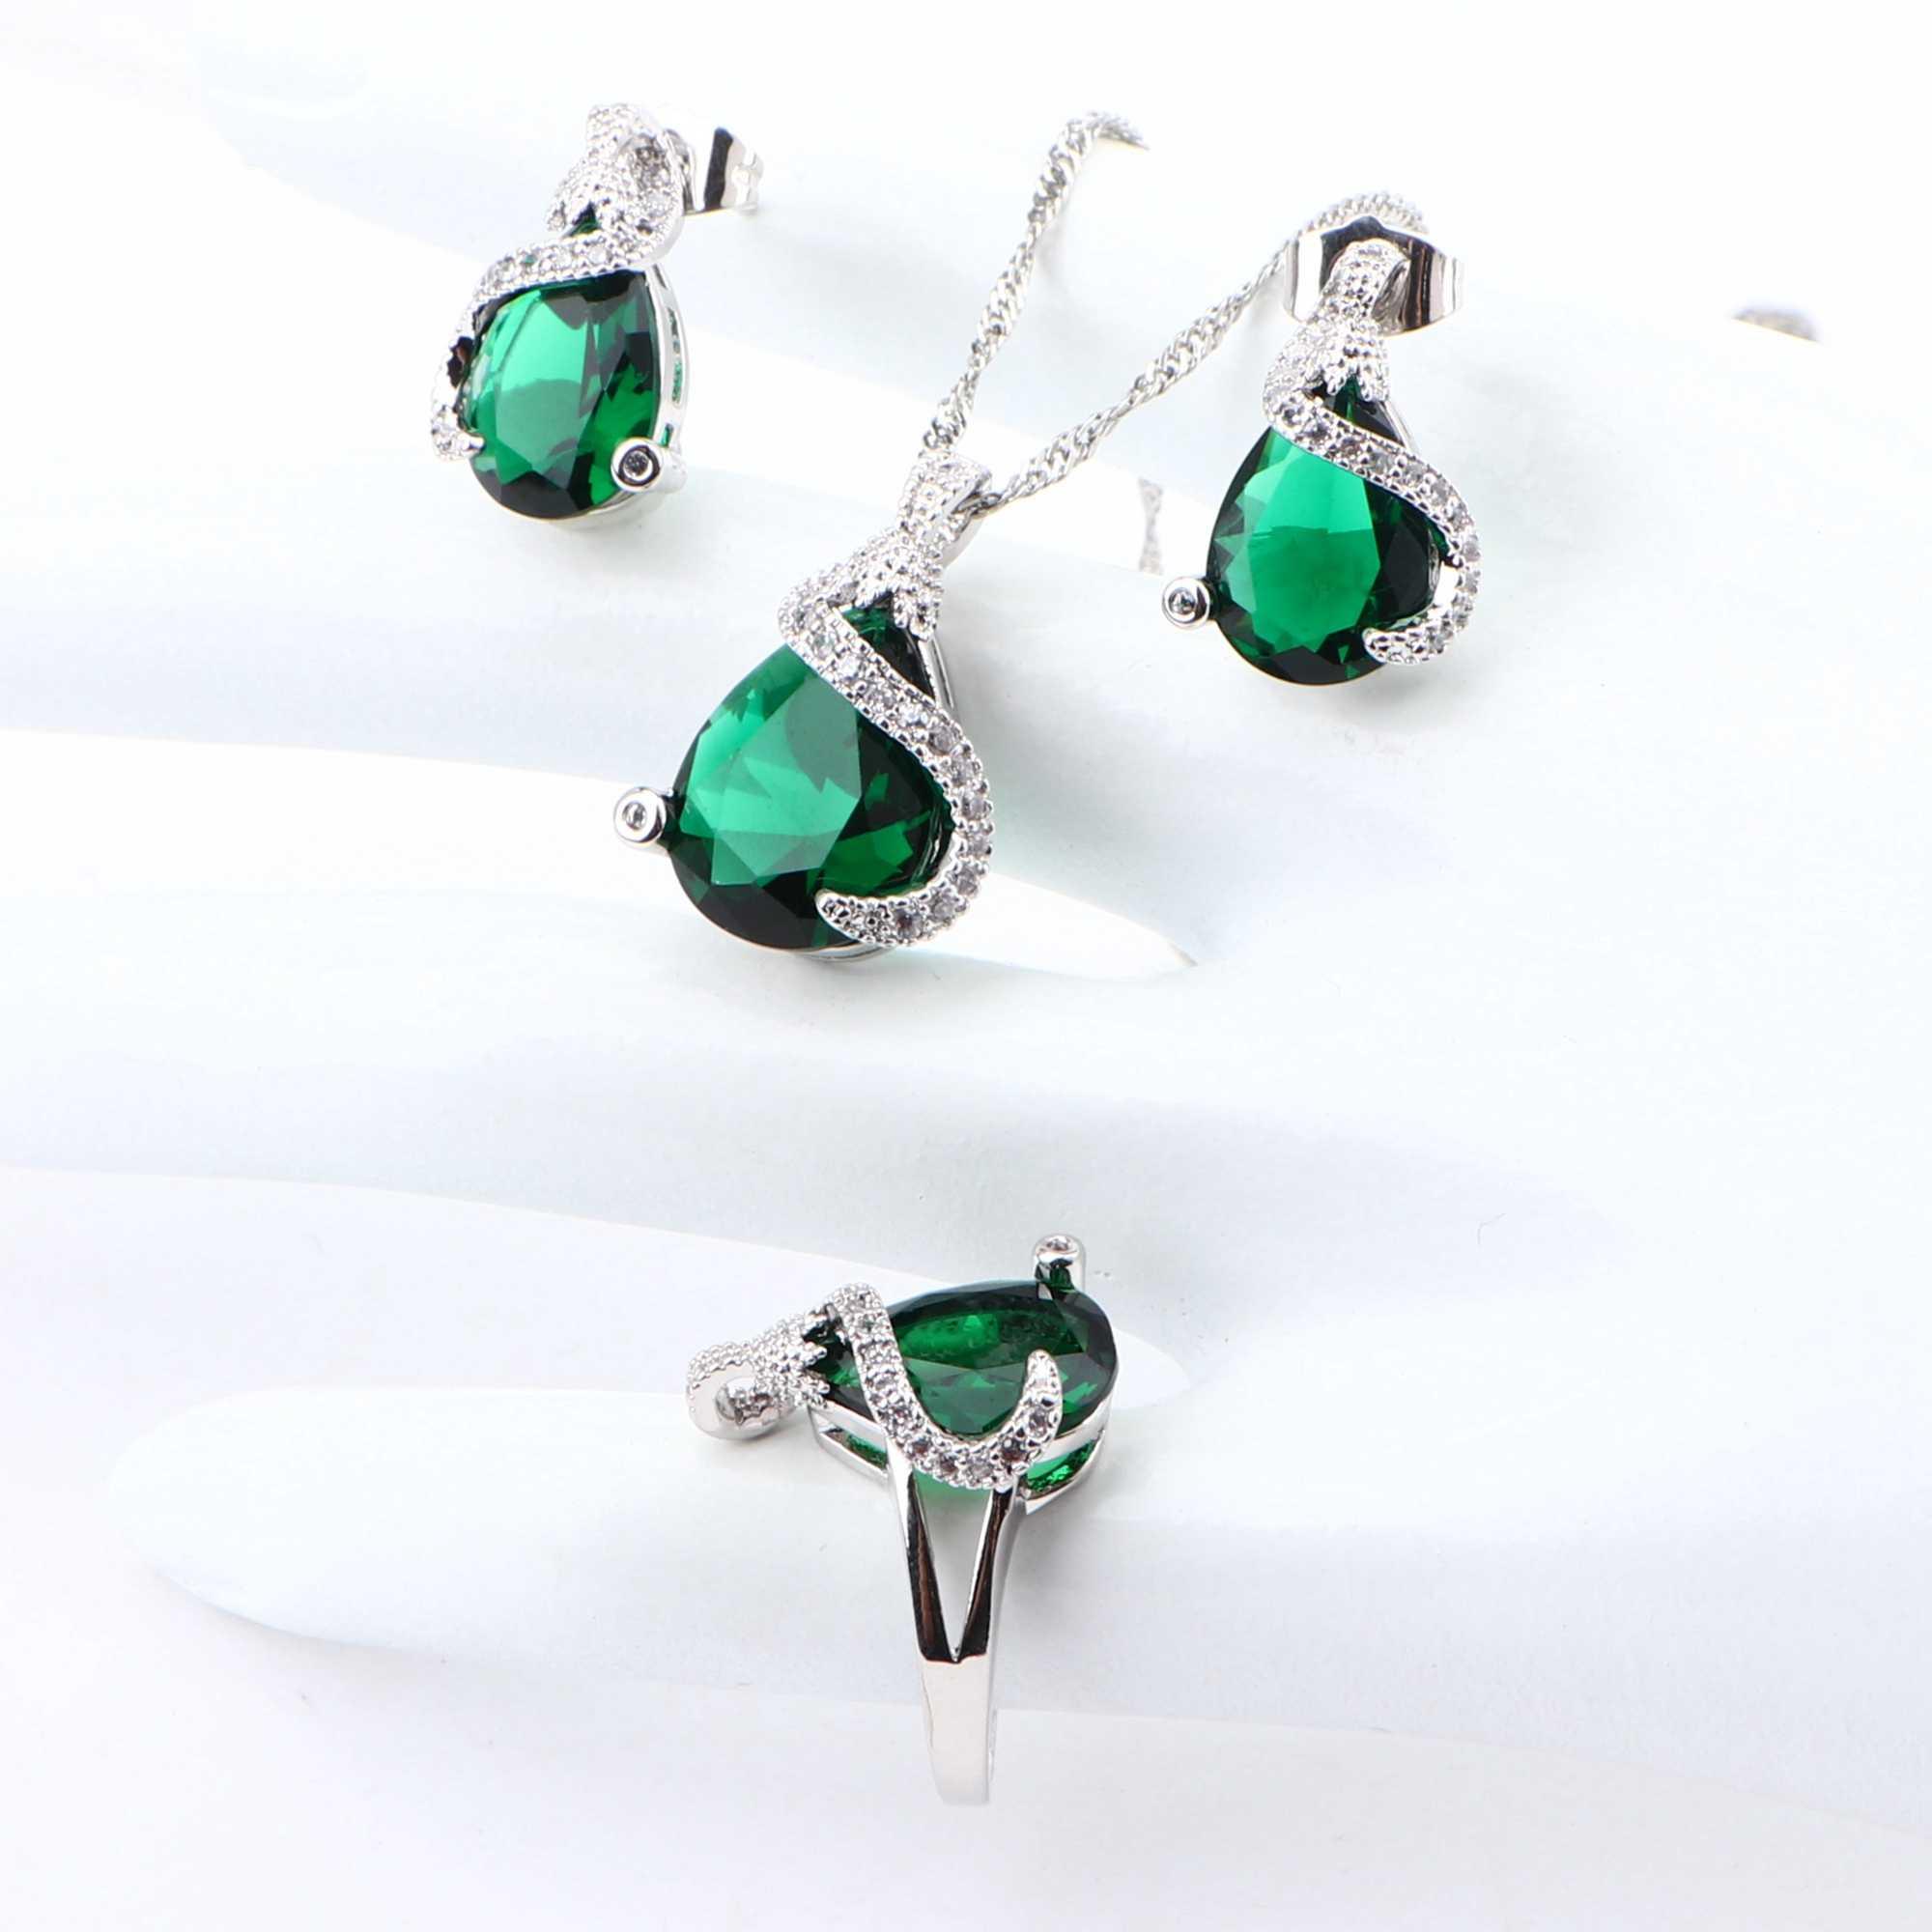 נשים יוקרה סטי תכשיטים עבור 925 כסף חתונת כלה תכשיטים מעוקב Zirconia עגילי צמיד טבעות שרשרת תליון